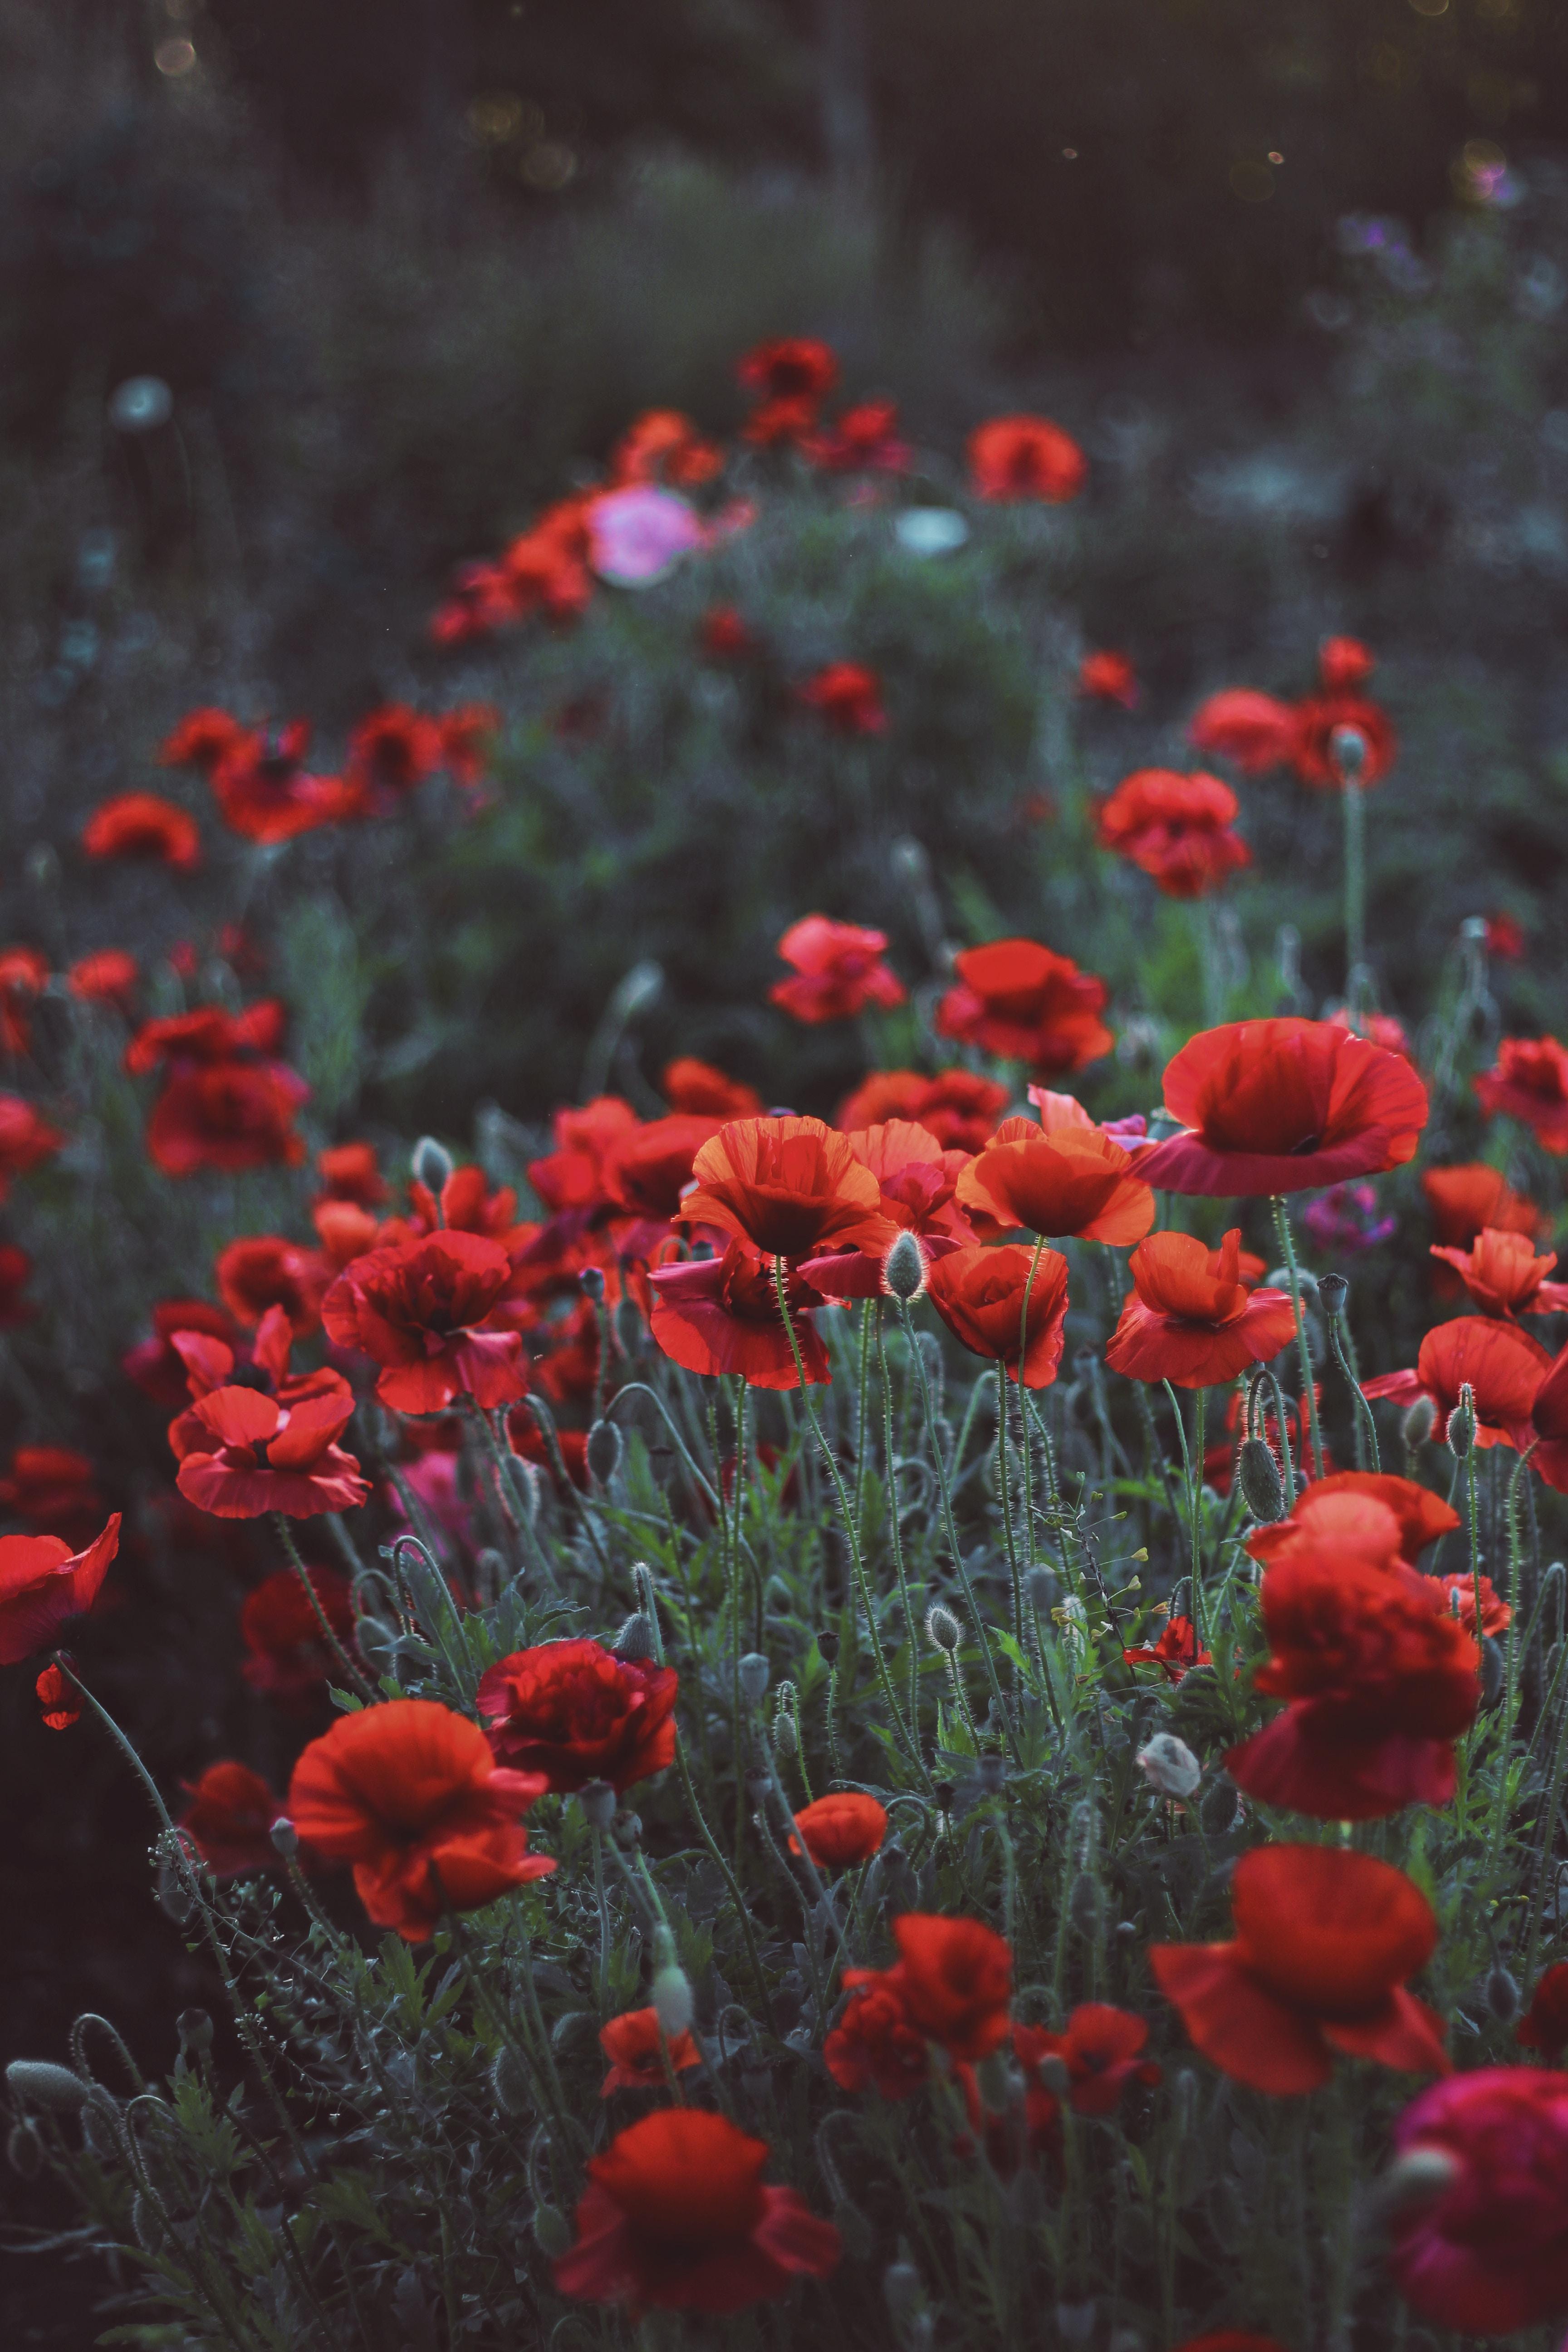 154568 скачать обои Цветы, Маки, Поле, Клумба - заставки и картинки бесплатно